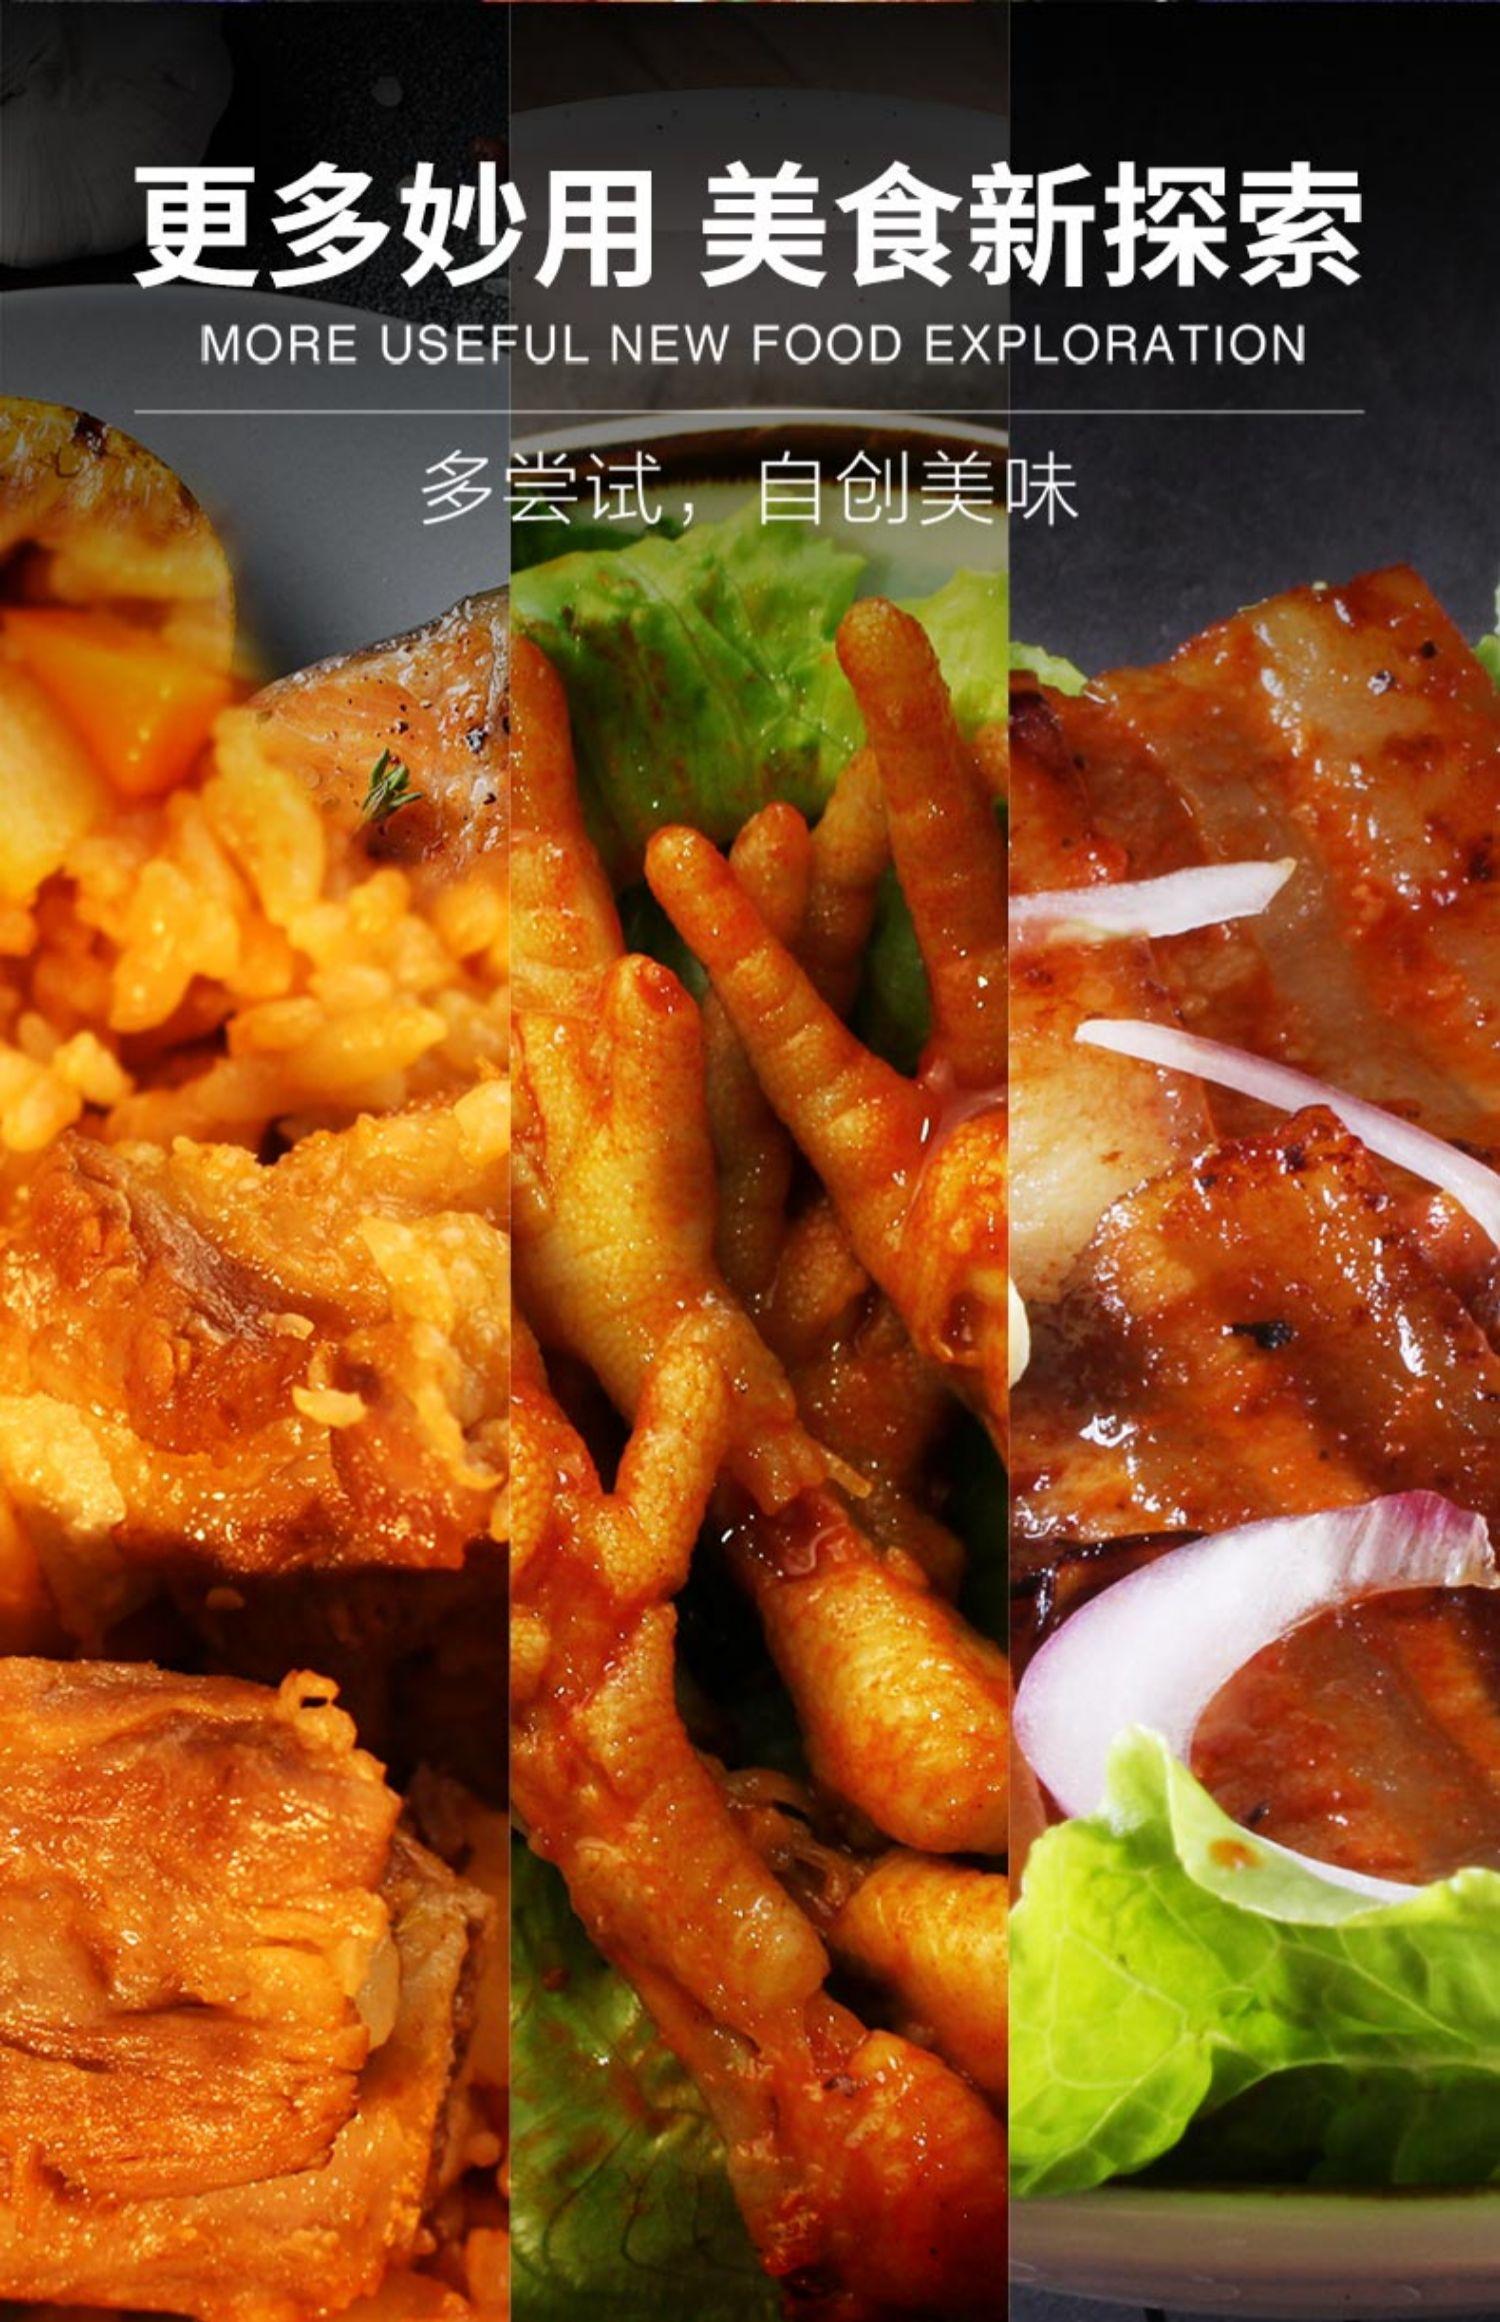 2罐新奥尔良烤翅腌料蜜汁微辣家用烤鸡翅粉炸鸡烤肉烧烤料调料商品详情图